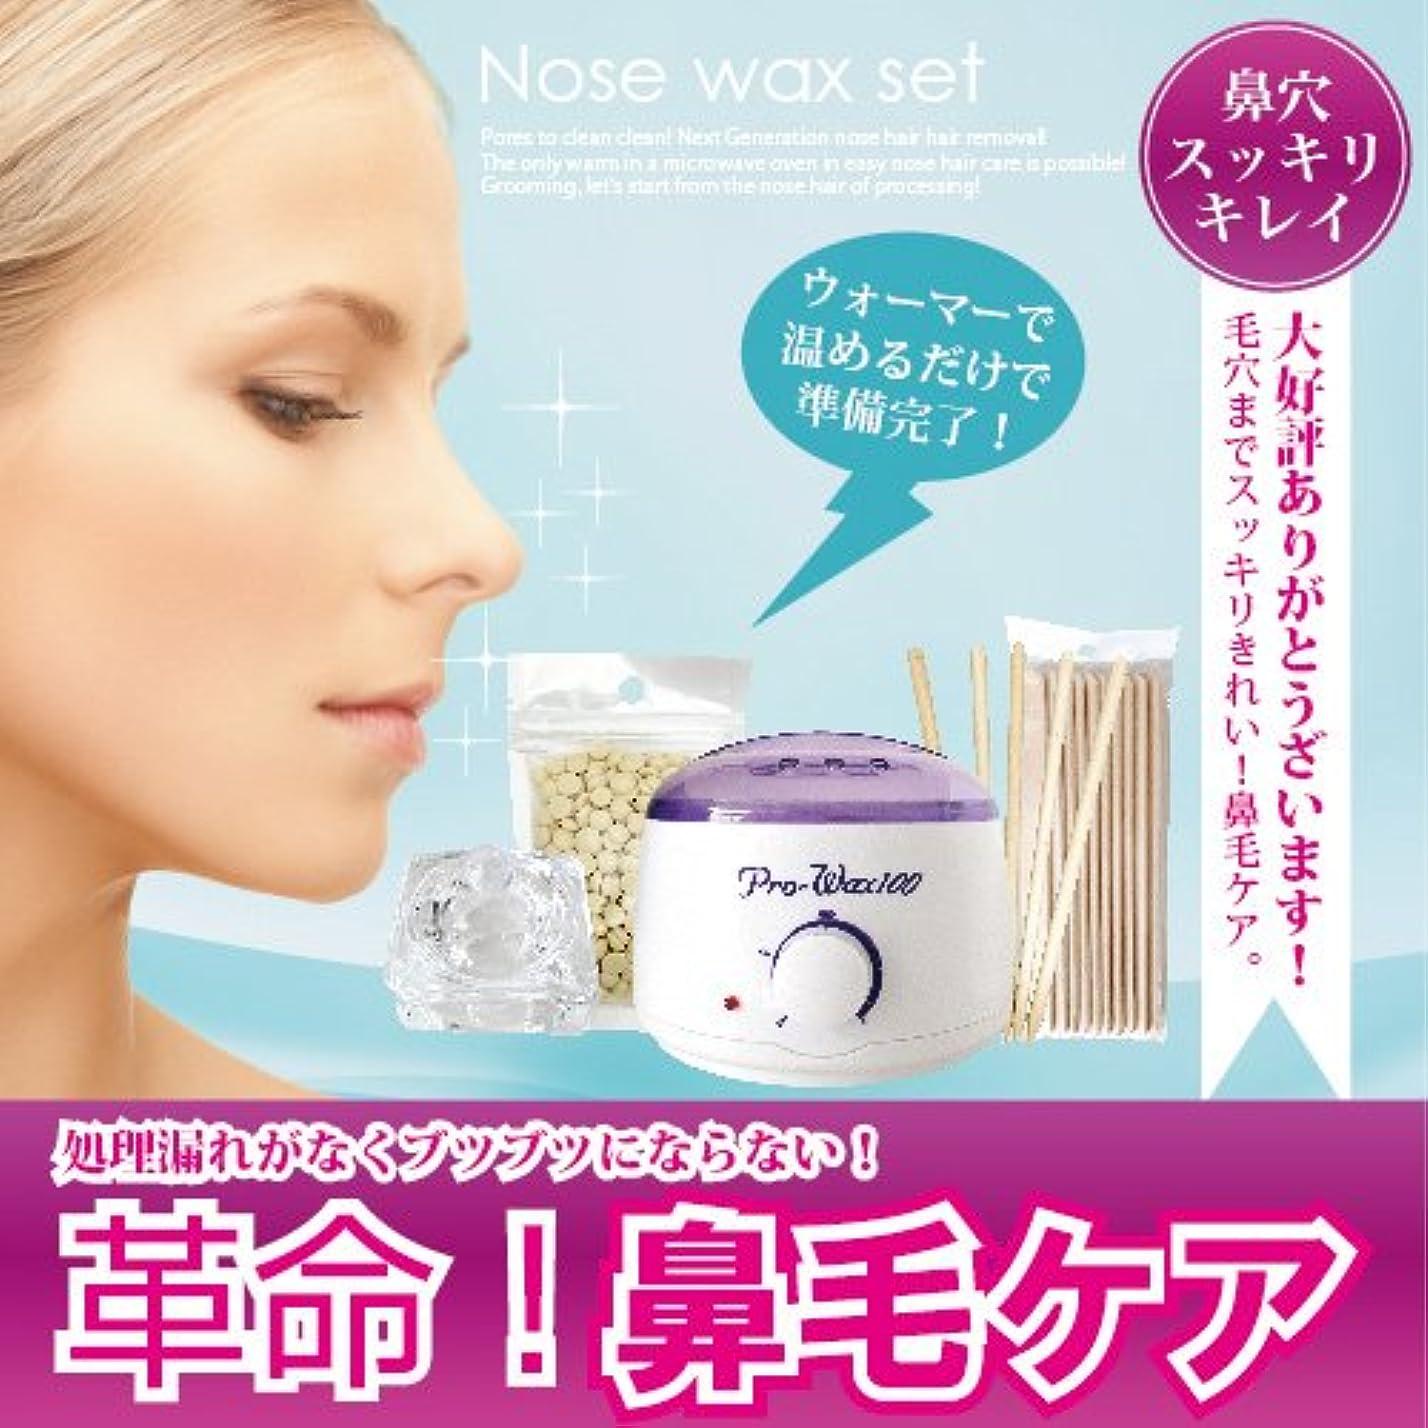 難民航空好戦的なブラジリアンワックス Nose wax setウォーマー付ノーズワックス鼻毛ケアセット(約12回分)